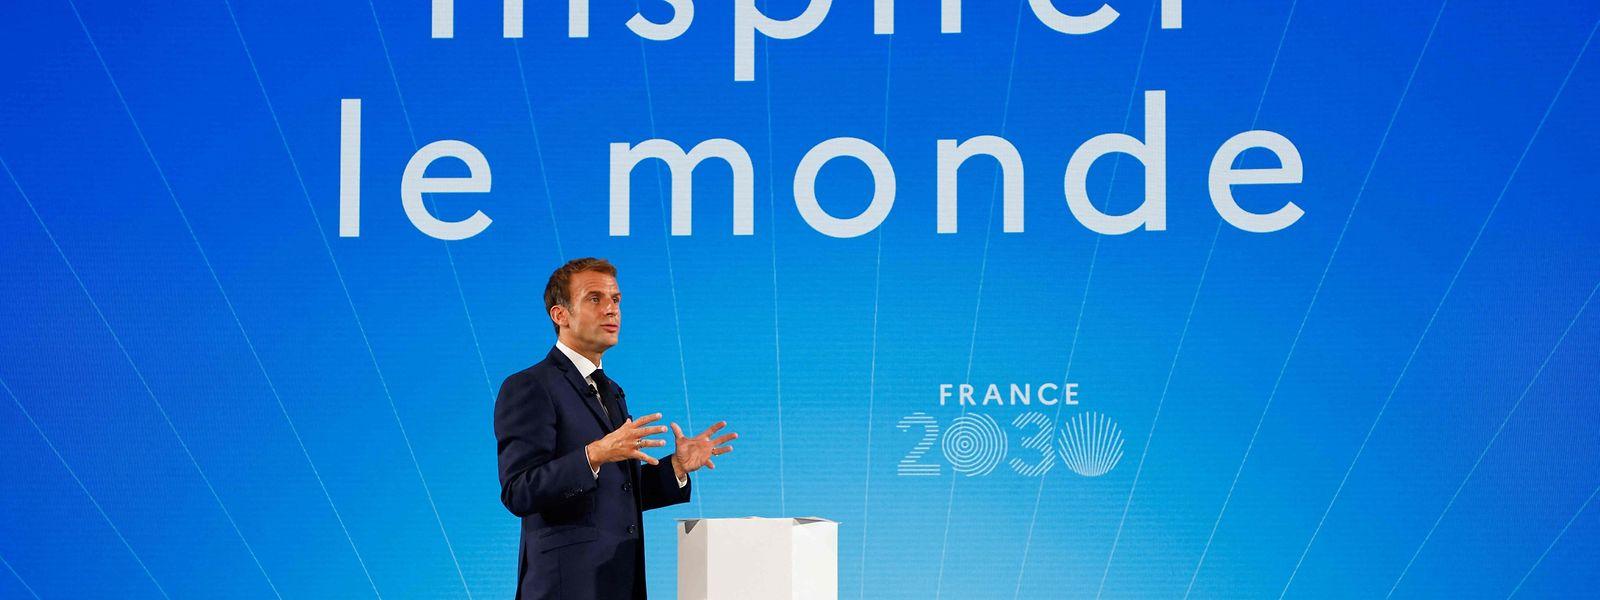 Für Frankreichs Präsident Emmanuel Macron ist die Atomenergie eine Zukunftstechnologie.